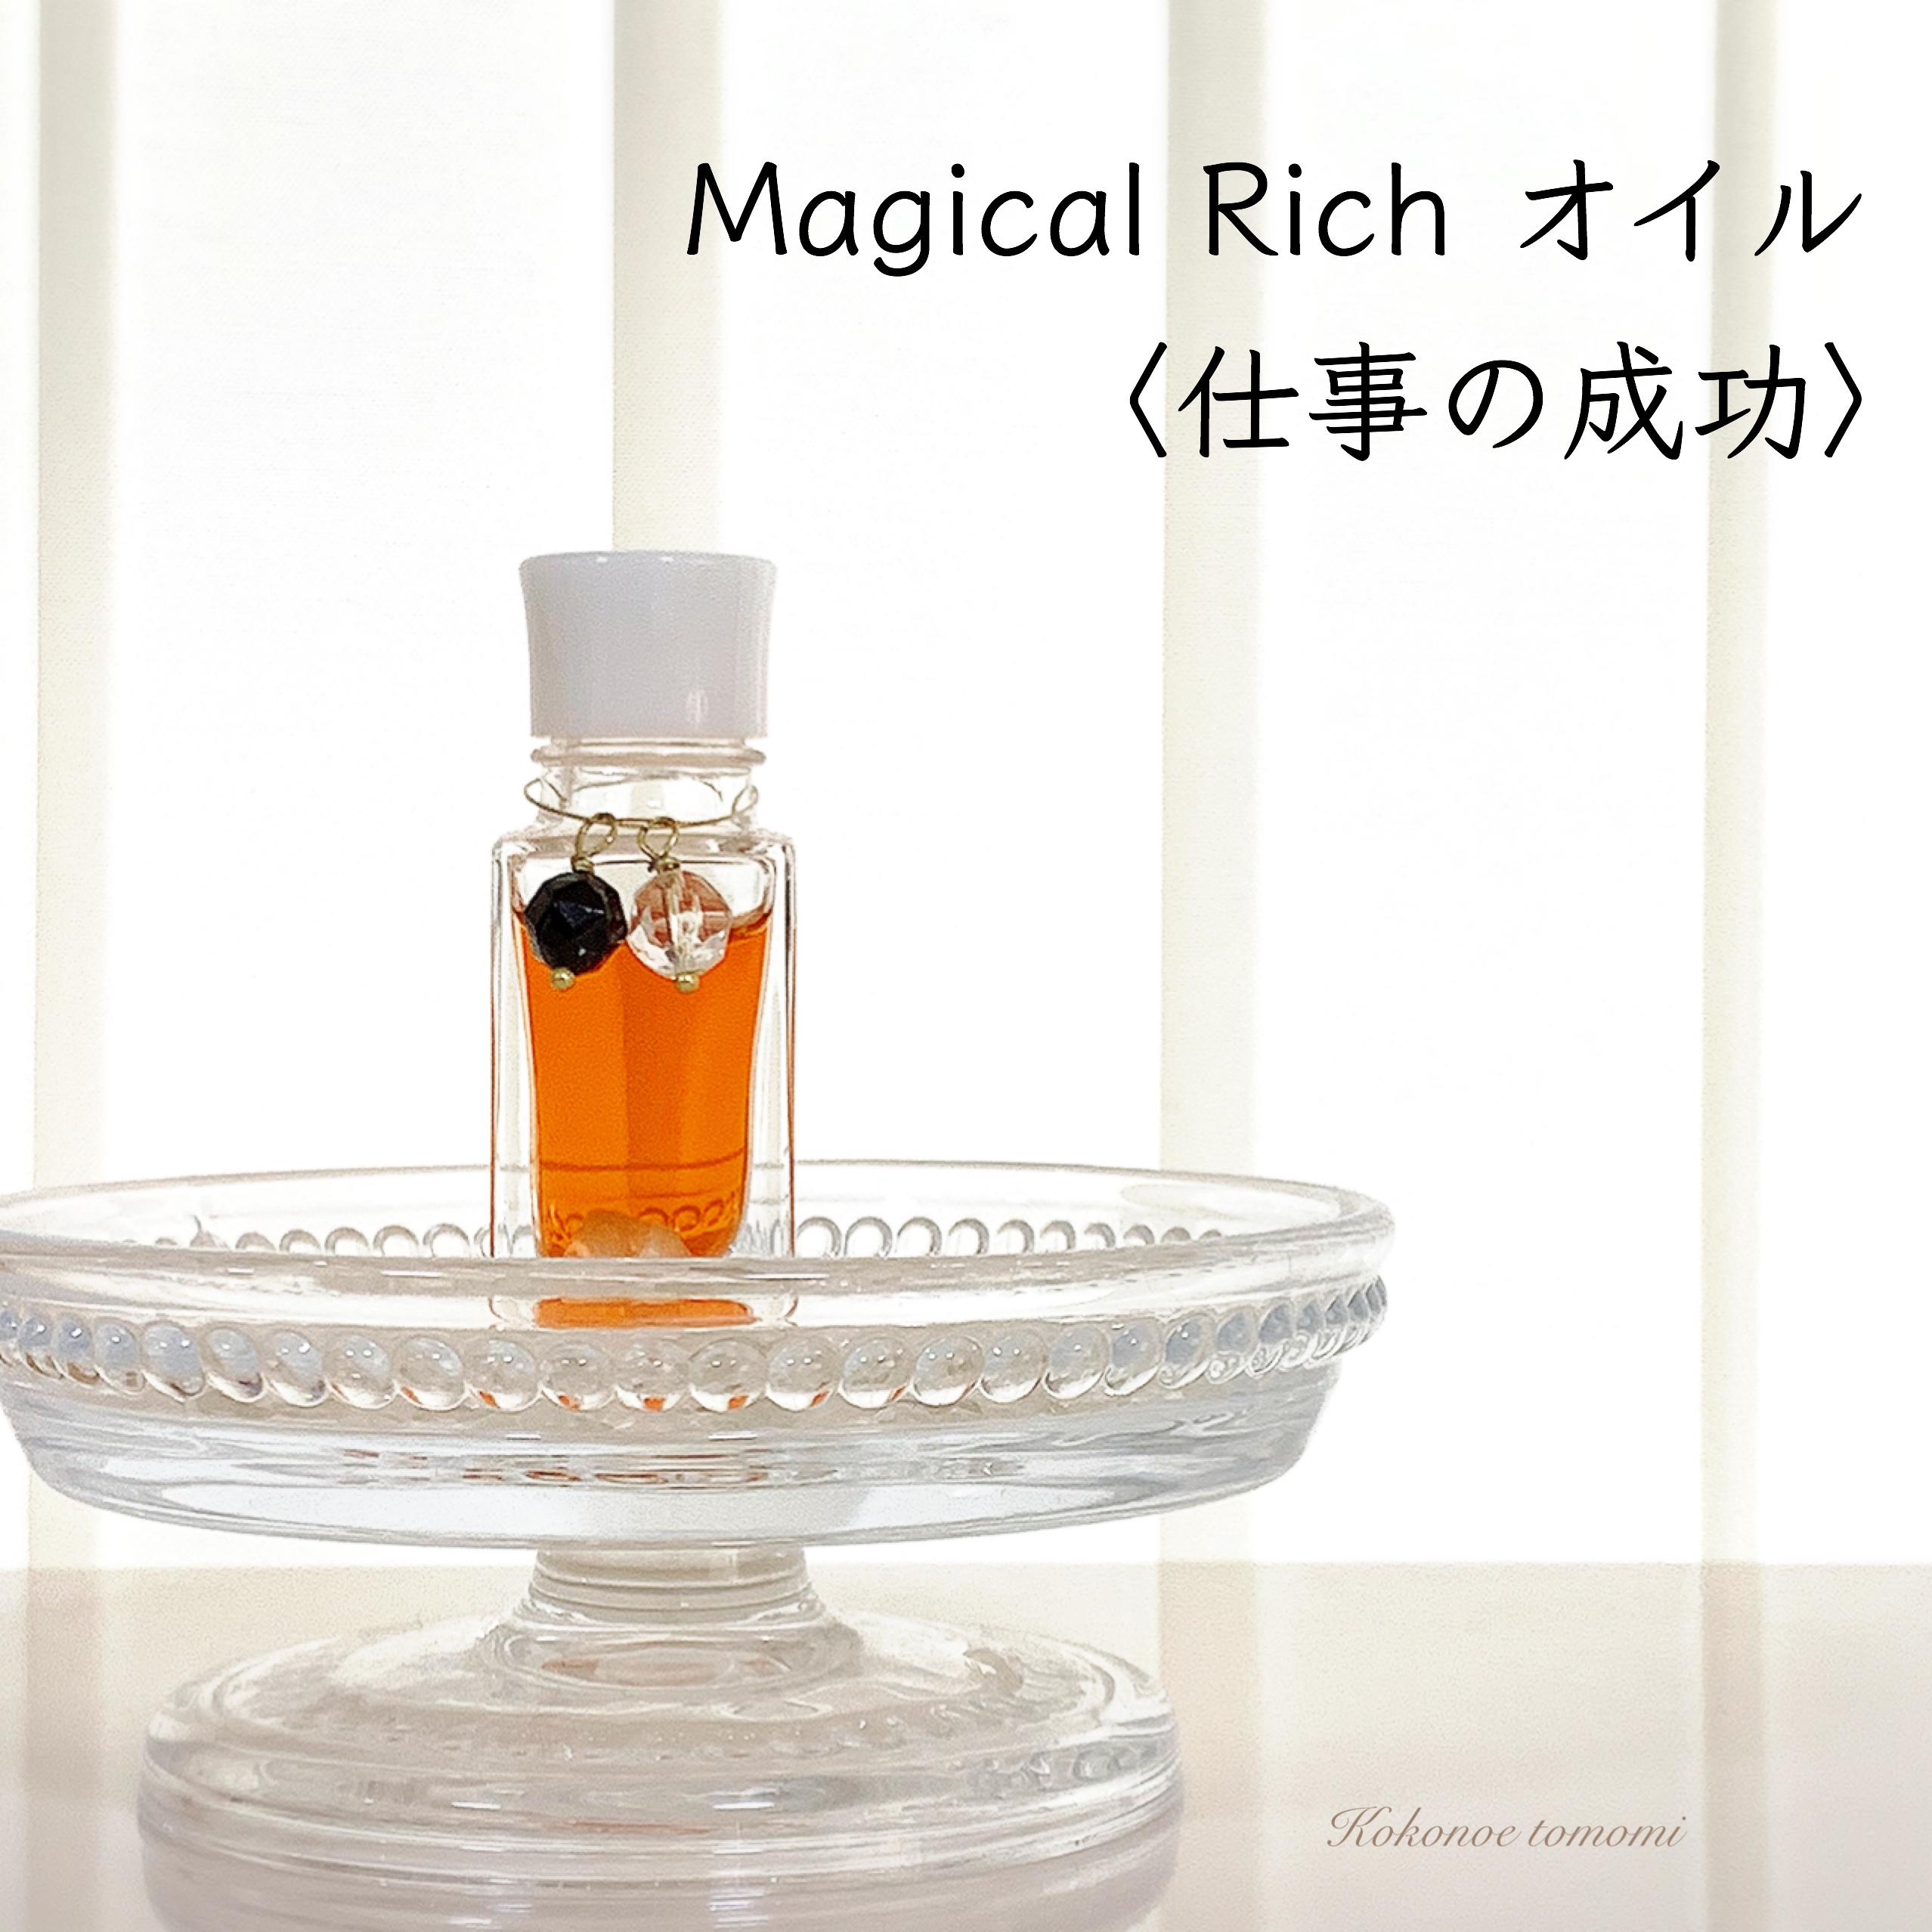 最強♡美オーラ・Magical Richオイル(仕事の成功)